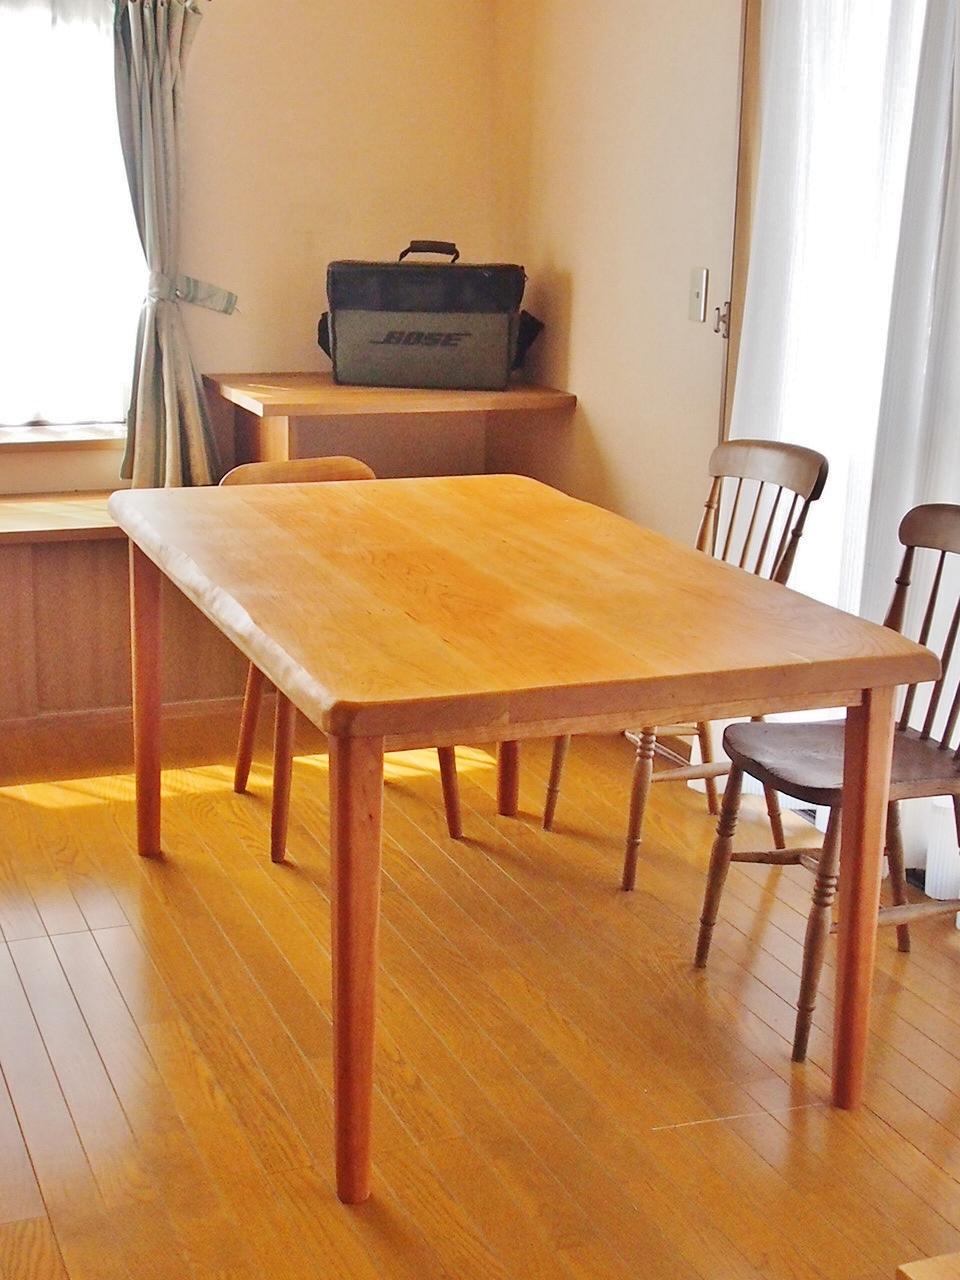 じざい工房 小林康文のダイニングテーブル